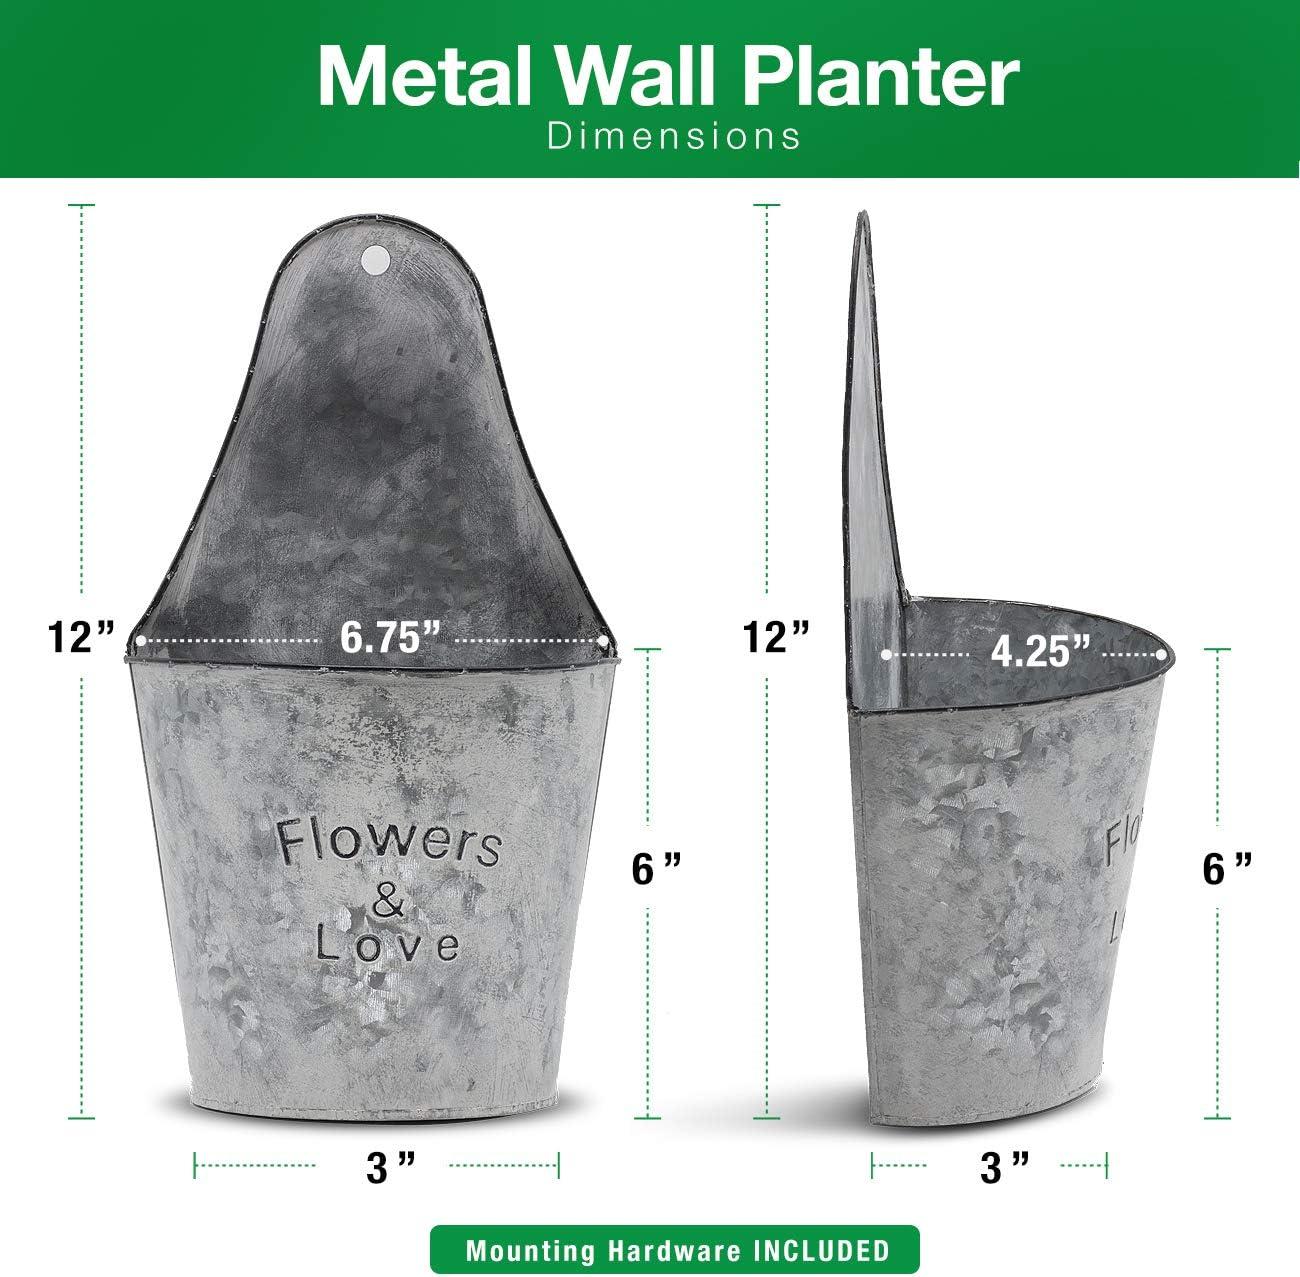 Dekoration verzinkt Vintage-Stil halbrund h/ängende Pflanzgef/ä/ße Wand-Blumen-Halter Sorbus Wand-Blumentopf aus Metall rustikaler Landhausstil